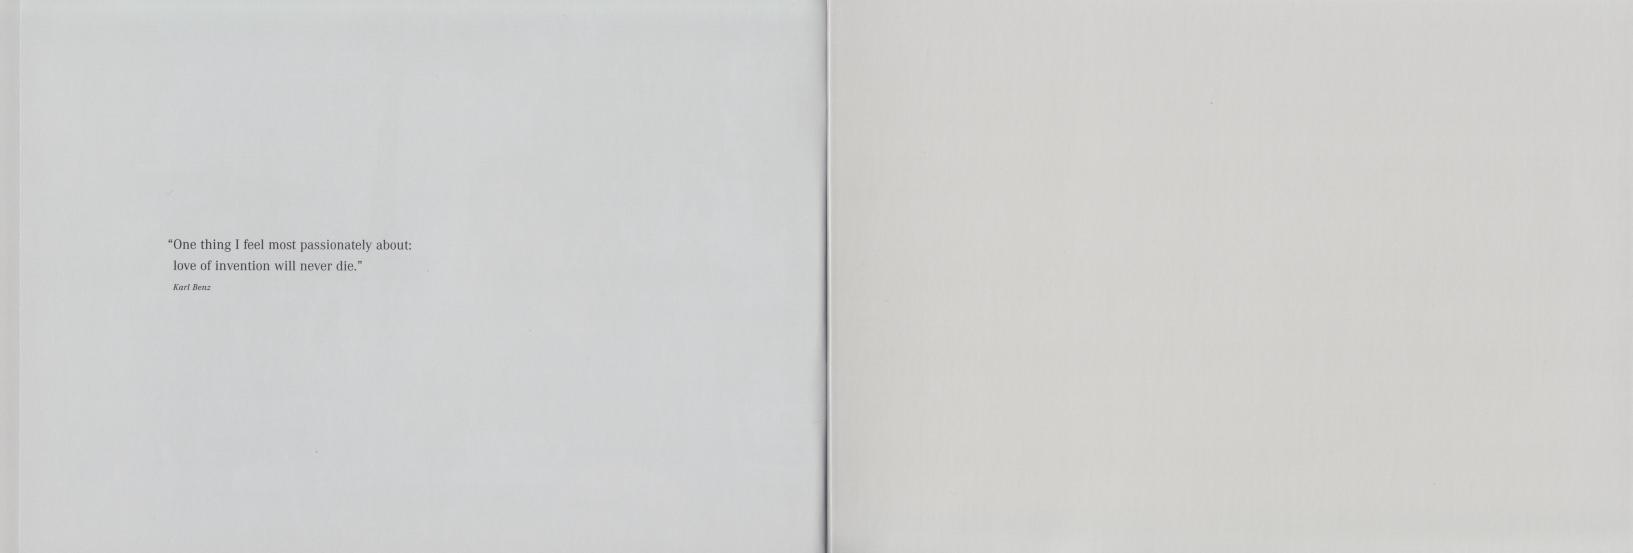 (W163): Catálogo 2001 (1) - inglês 029